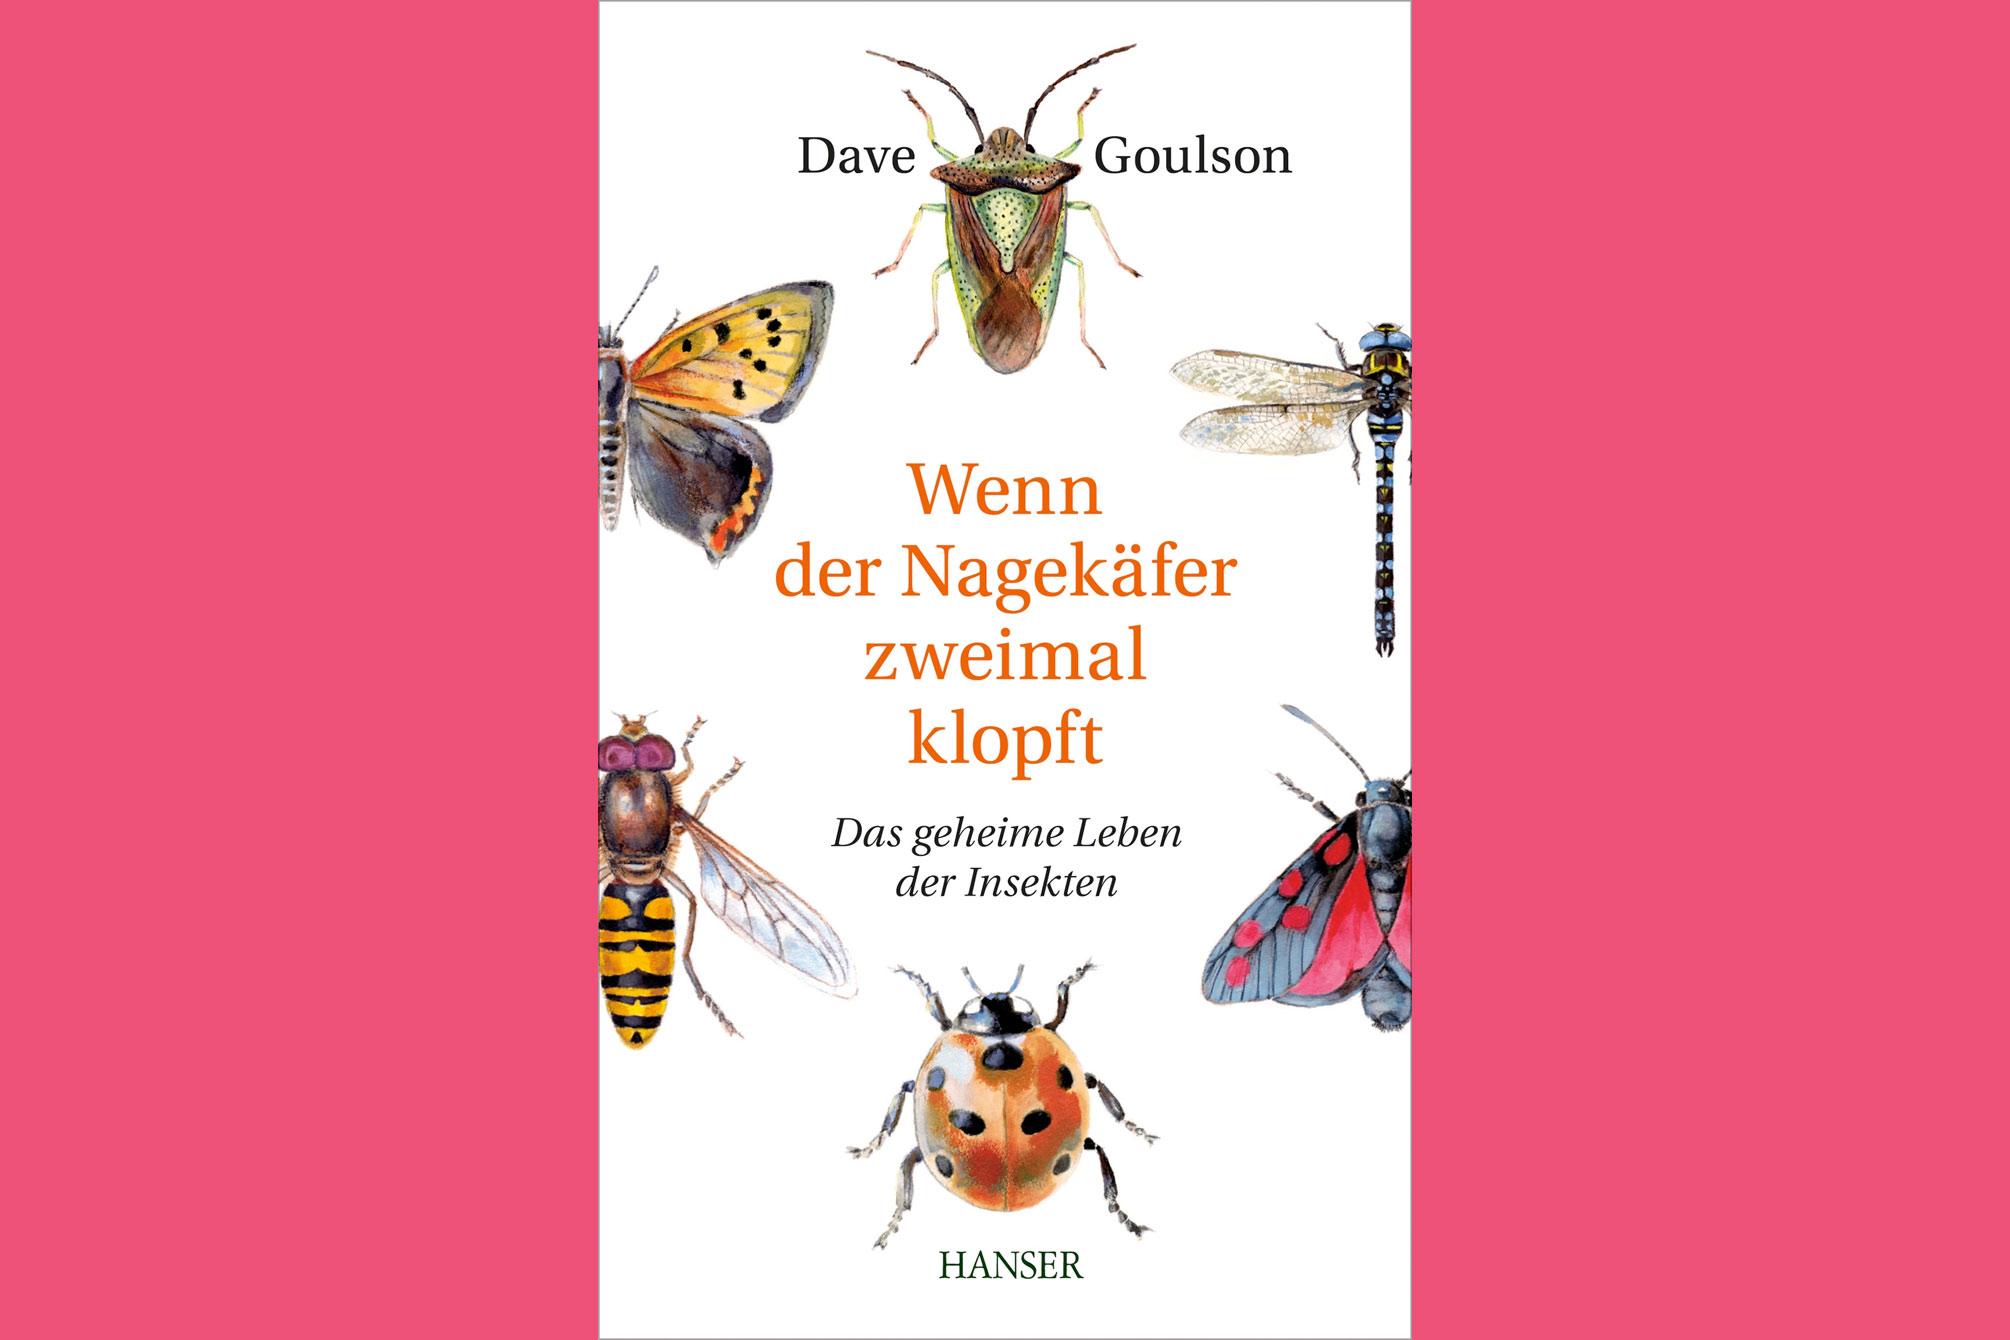 Buchrezension. Dave Goulson: Wenn der Nagekäfer zweimal klopft.